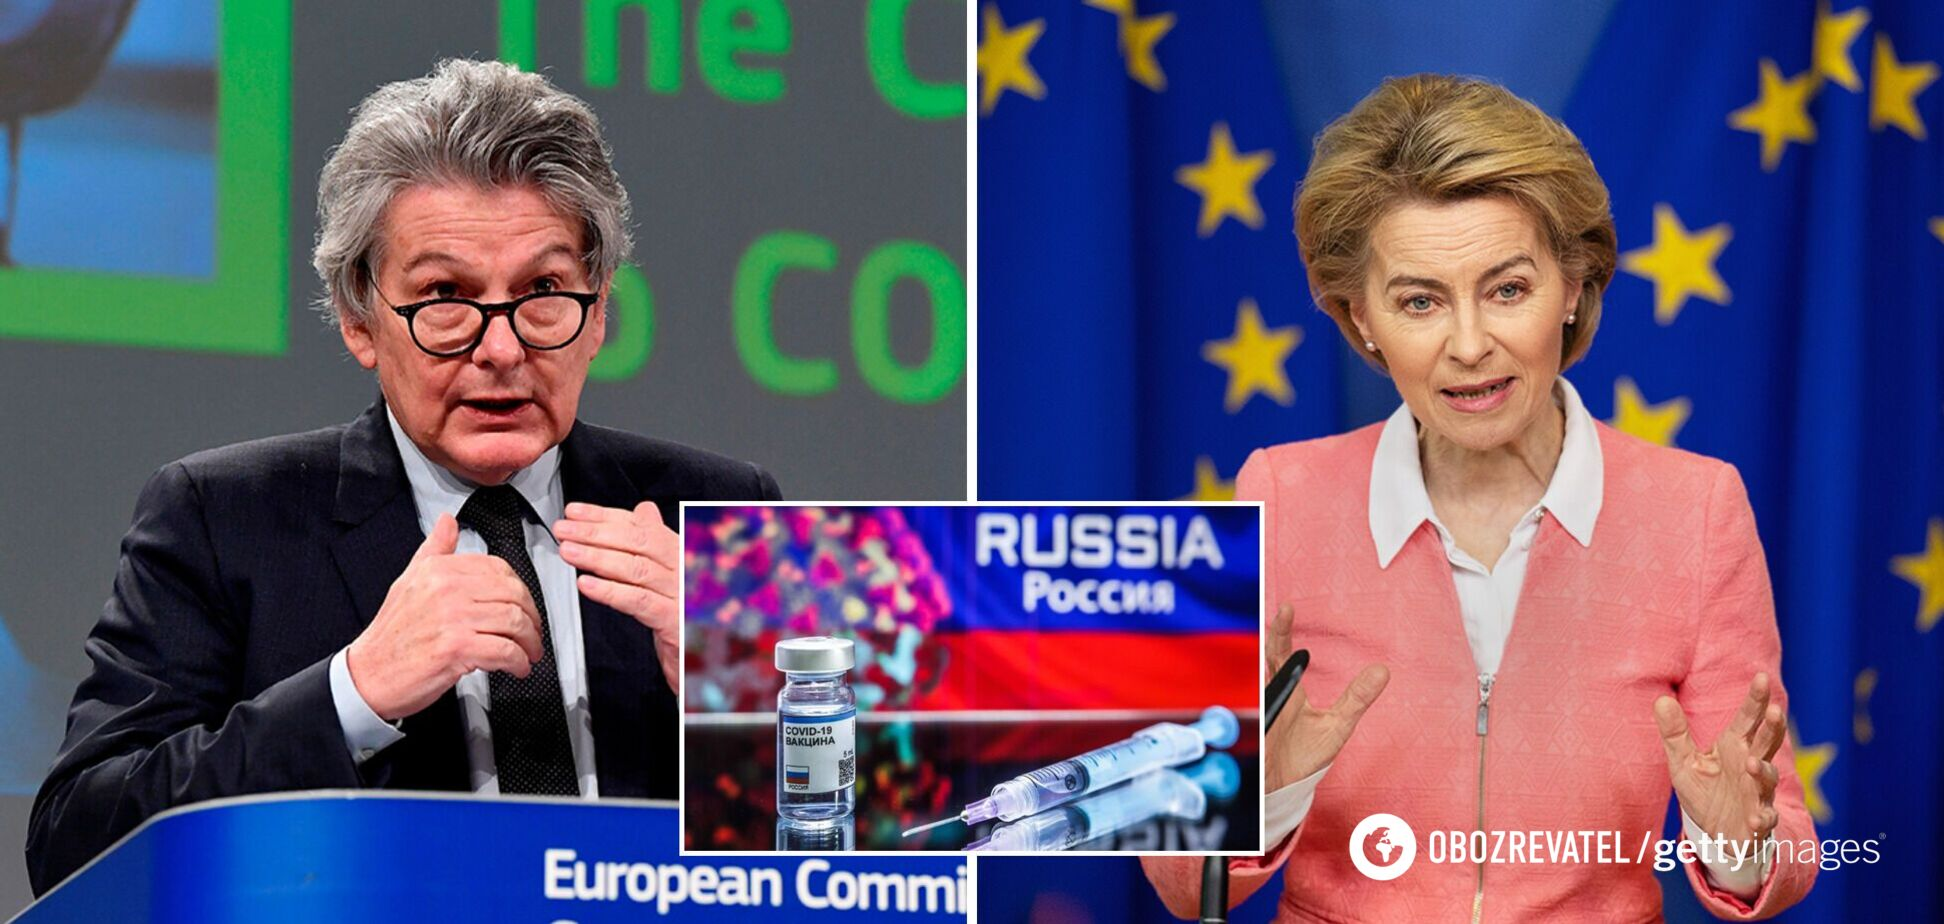 У ЄС відмовилися від вакцини РФ і заявили про неготовність ділитися іншими з бідними країнами